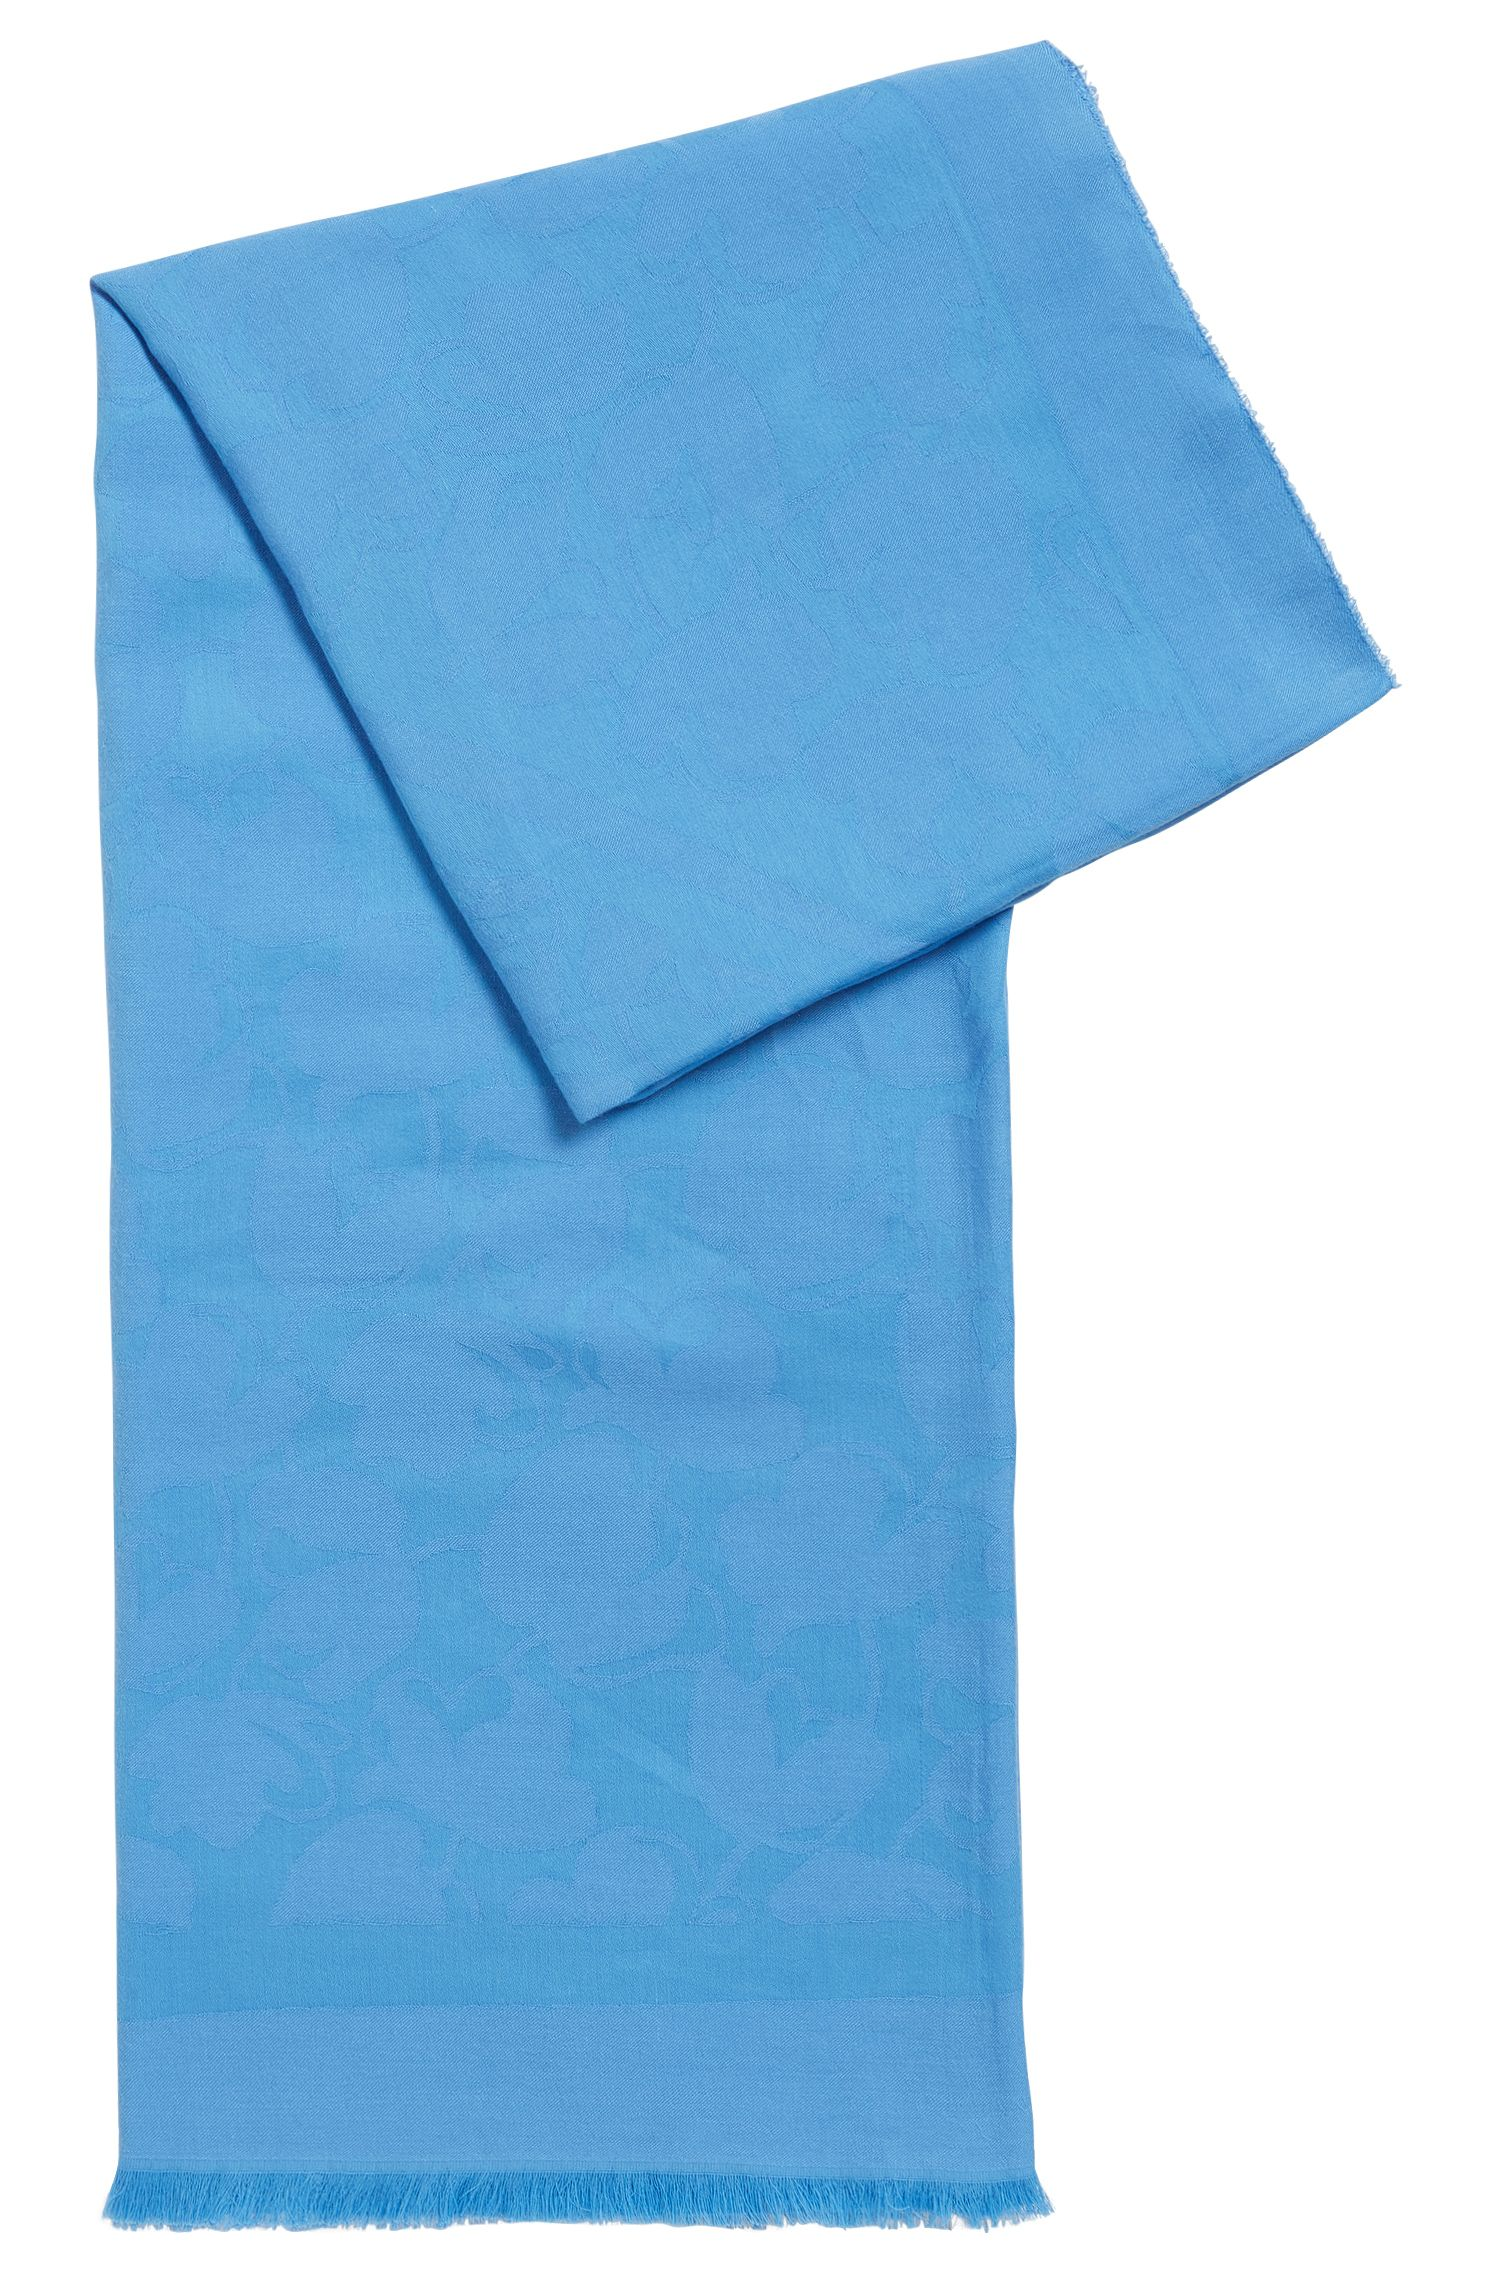 Écharpe en coton mélangé à motif jacquard ton sur ton et bordures effilochées